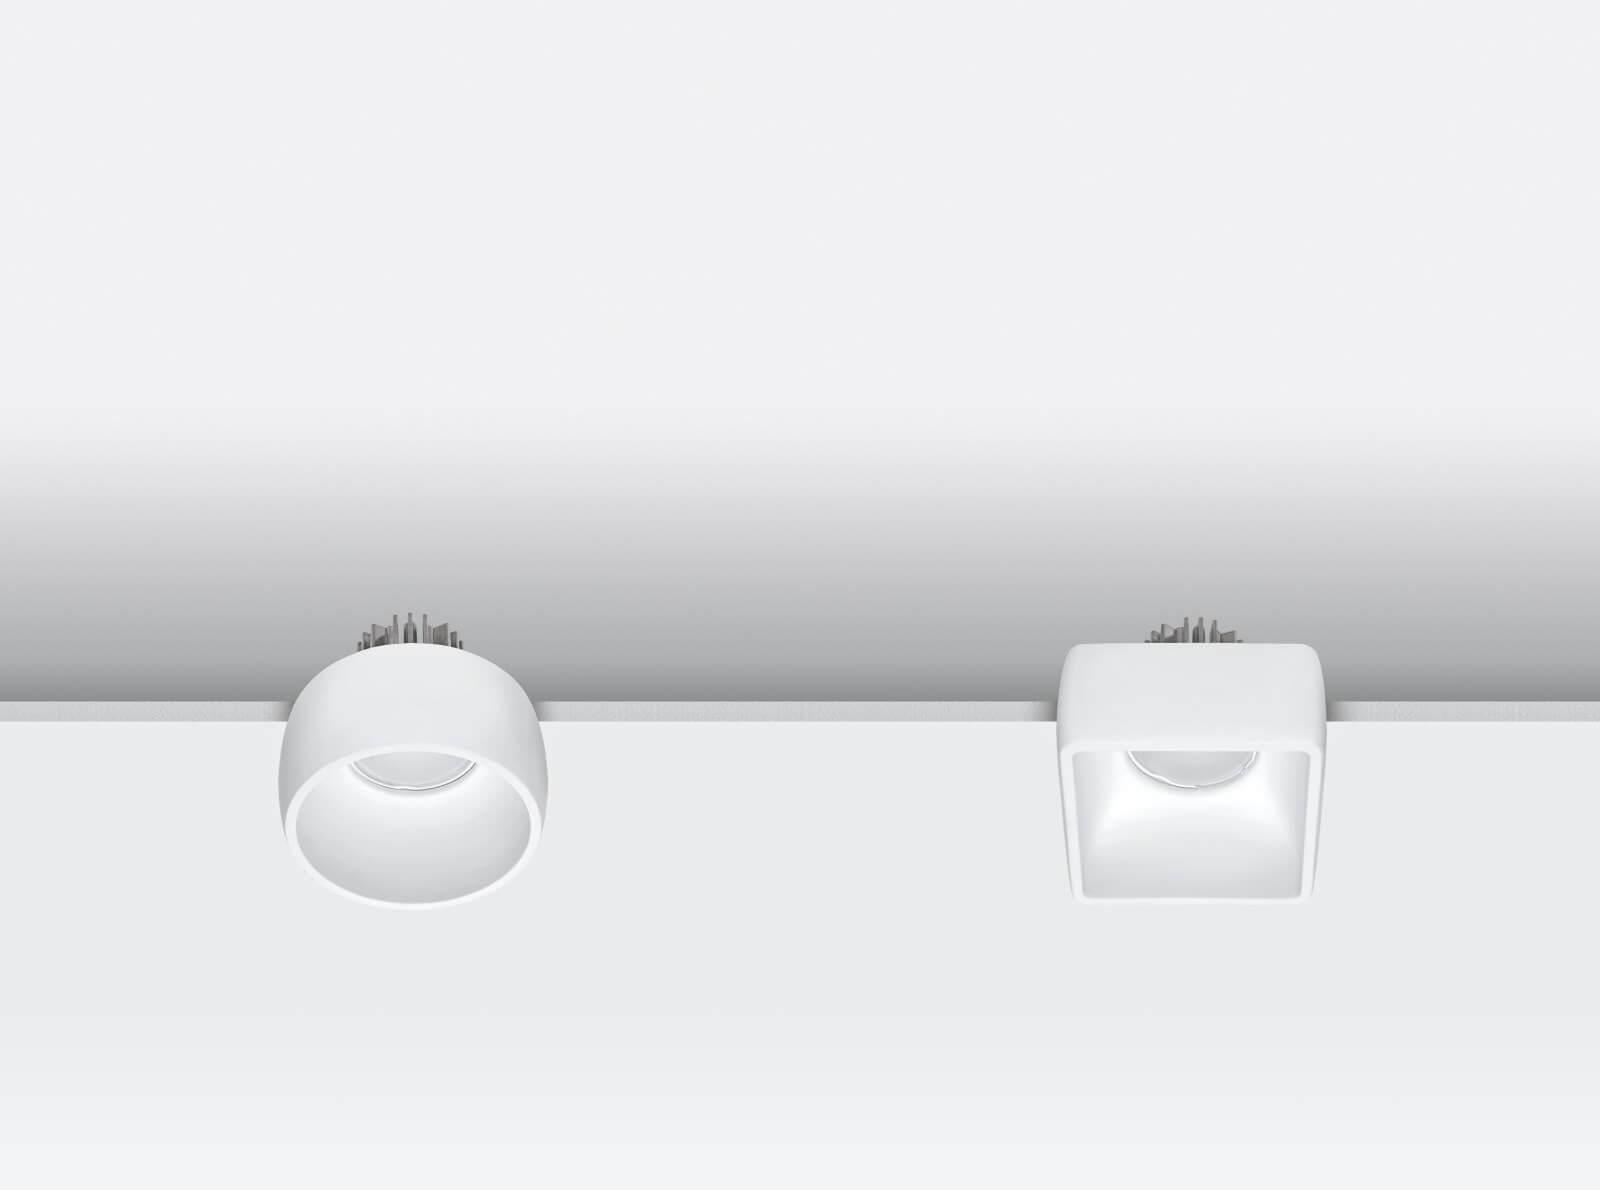 Faretti LED, come rendere il tuo soggiorno moderno e scenografico